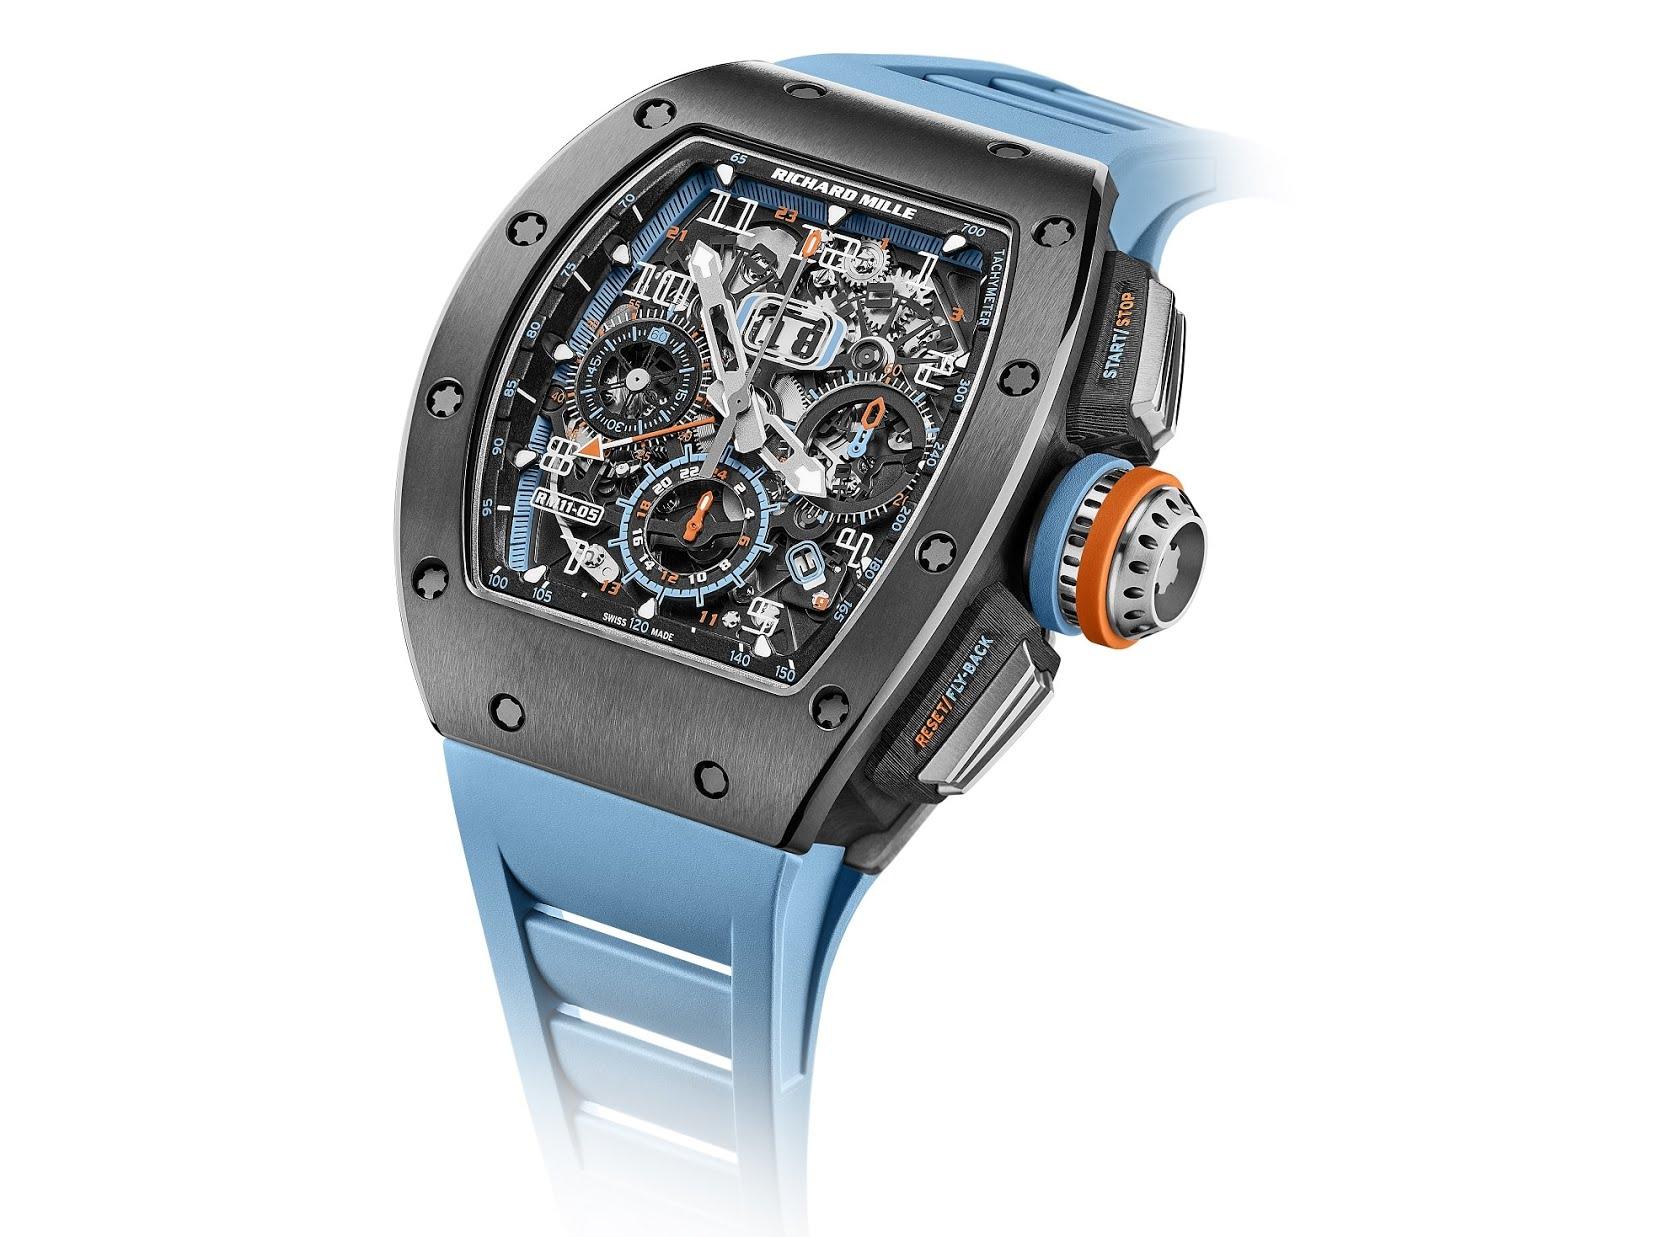 Plus belles complications horlogères - Richard Mille RM 11-05 Automatique Chronographe Flyback GMT